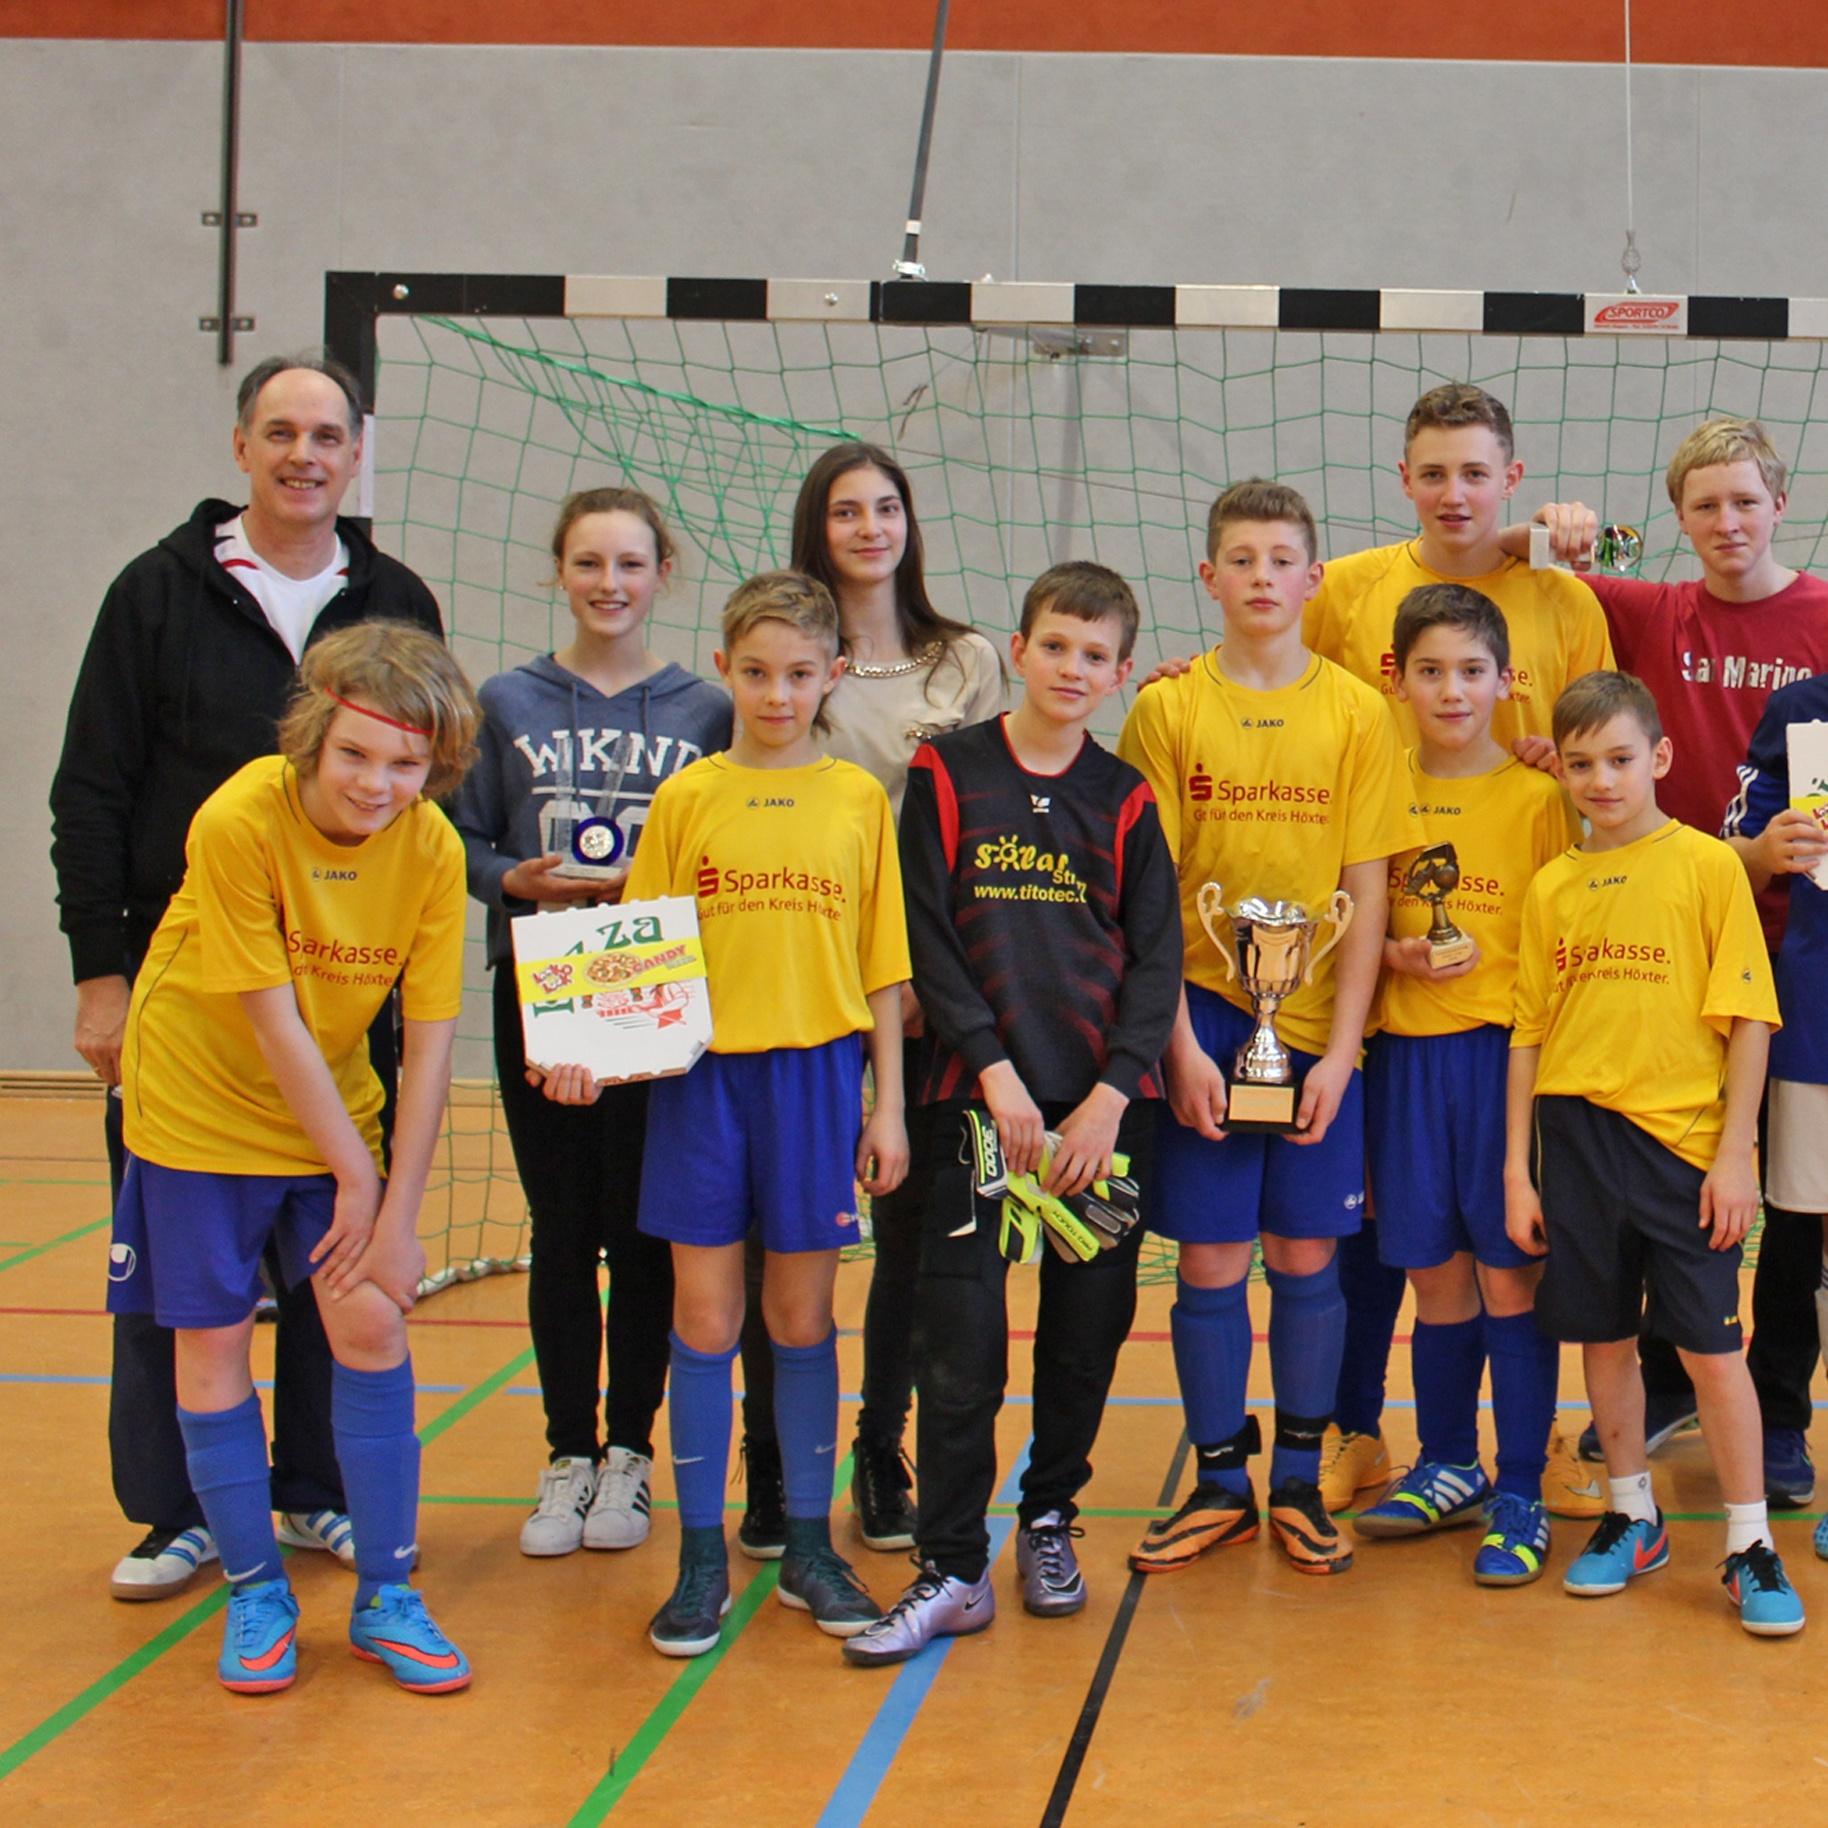 """100 Jugendliche beim Fußball- und Spieleturnier """"KonfiCup"""" Spaß und Fairness stehen an erster Stelle"""